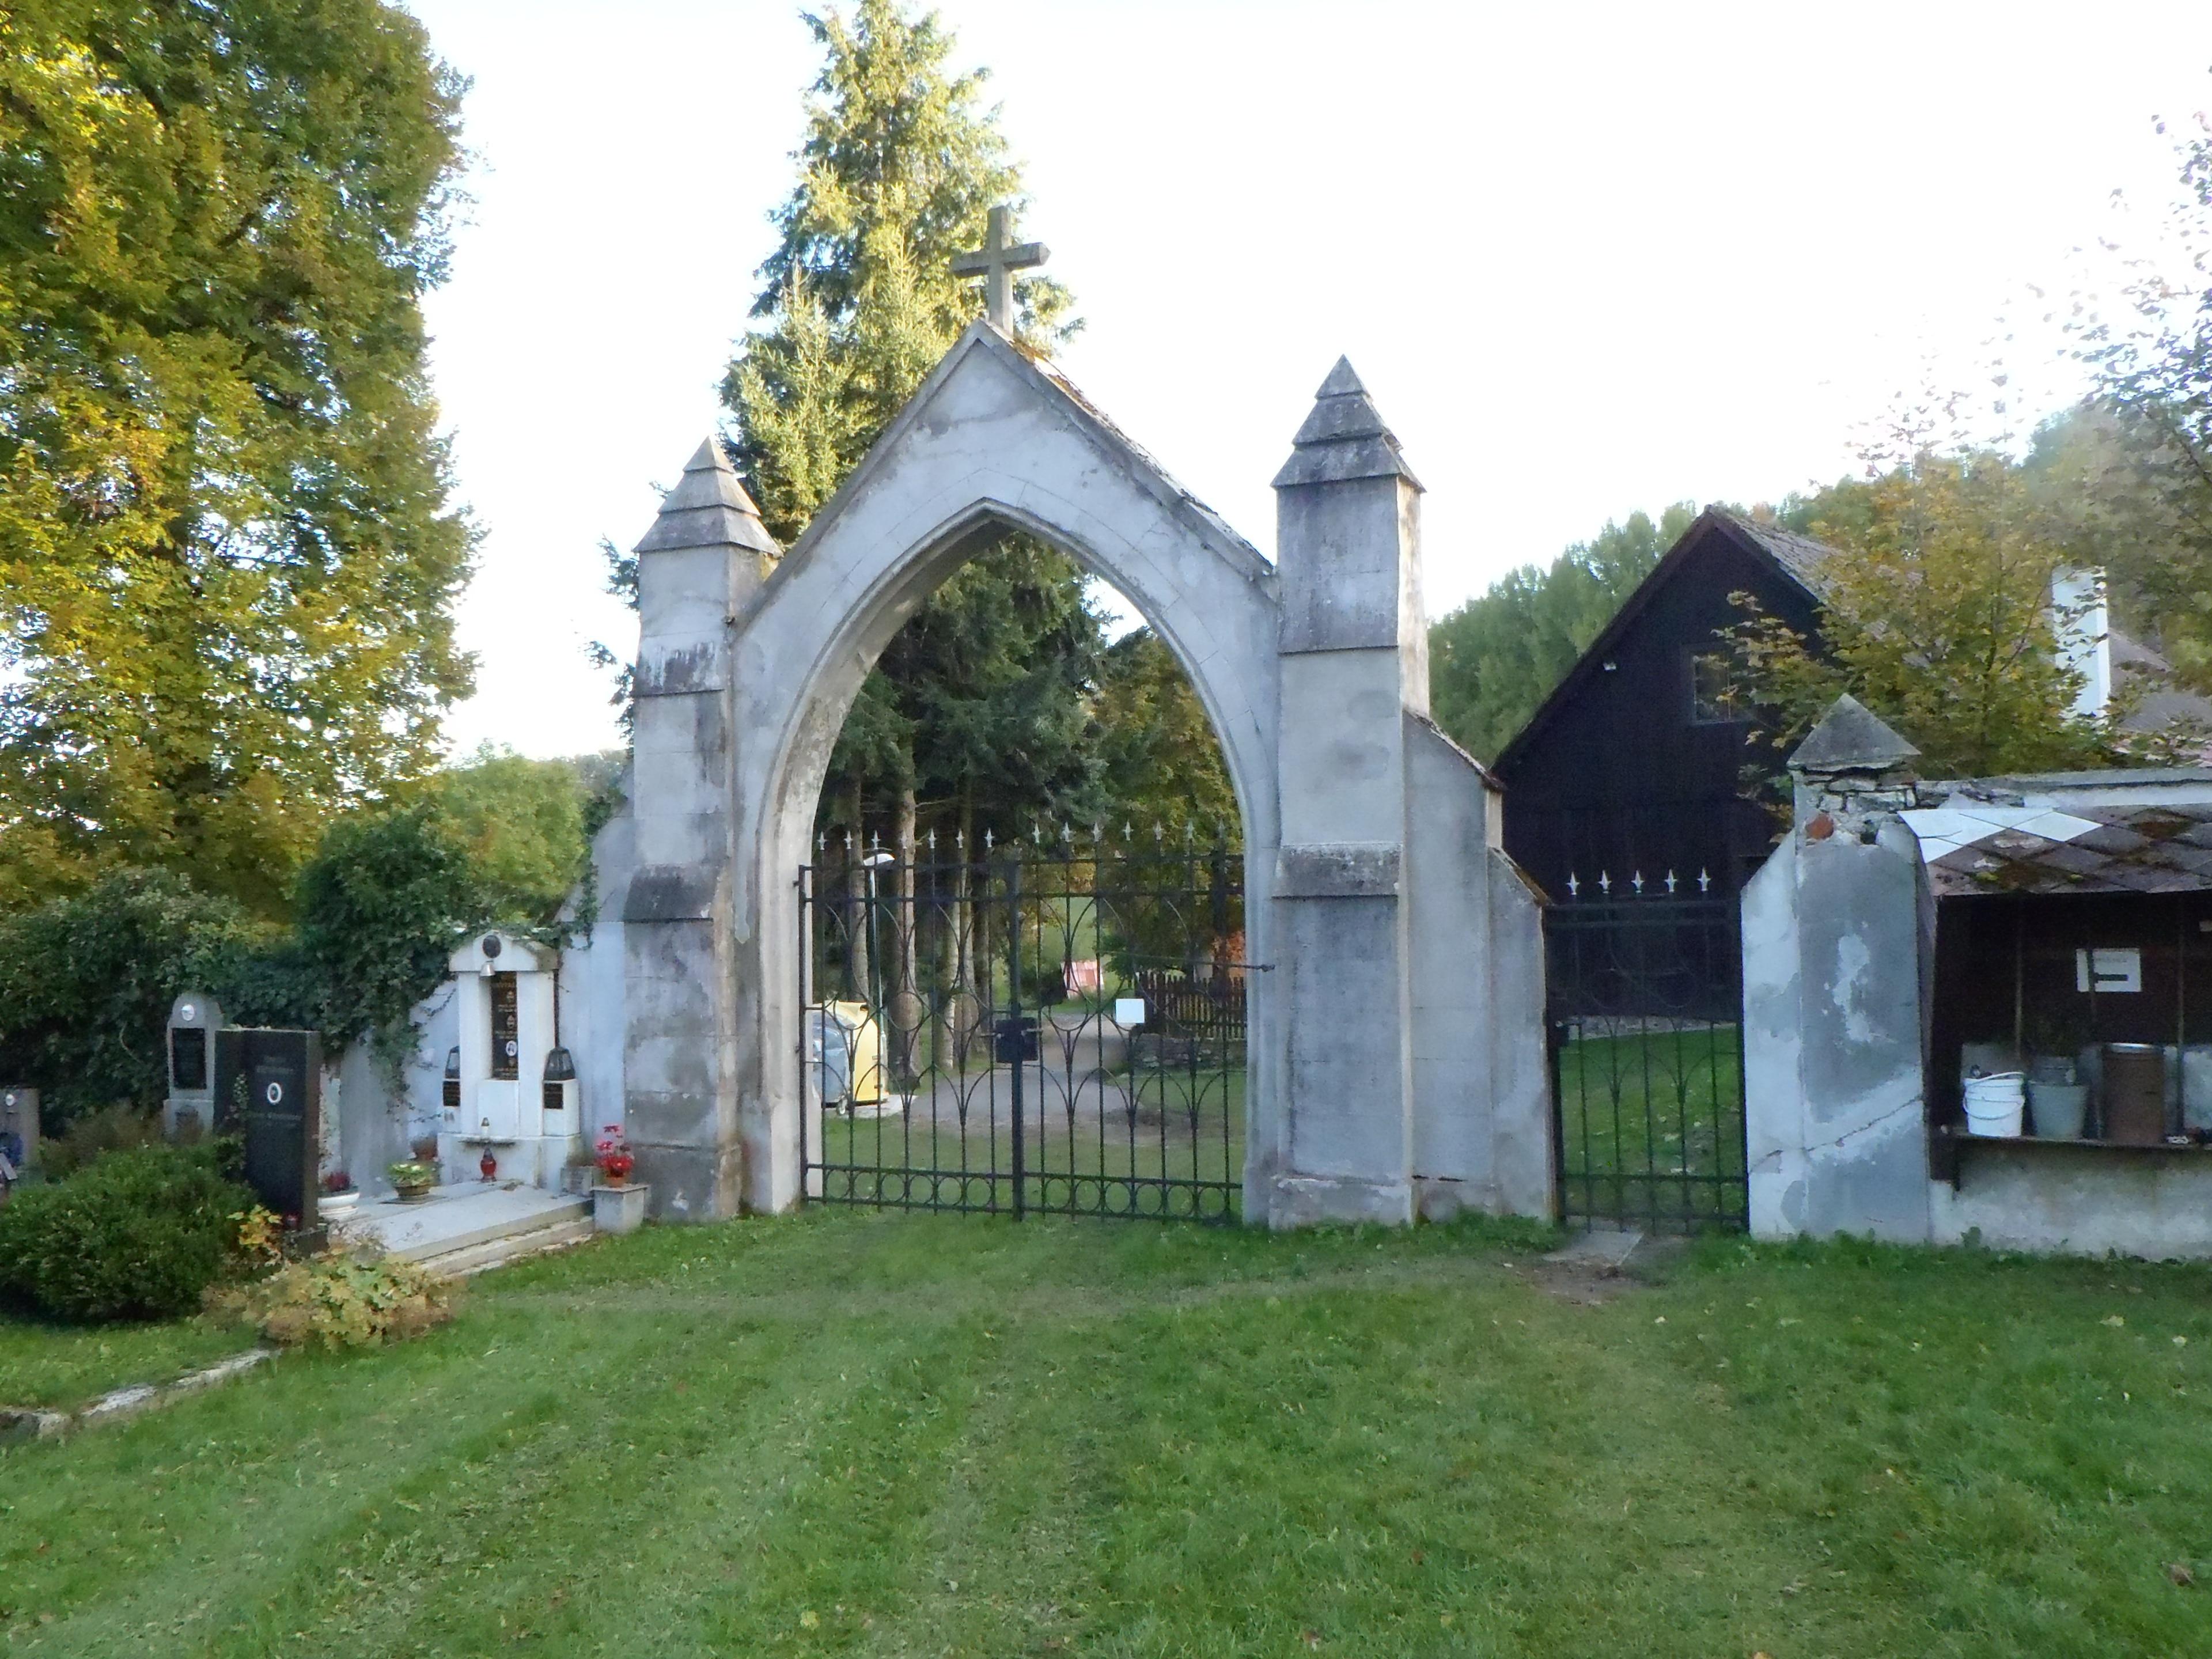 Okres Klatovy, Plzen (regio), Tsjechië